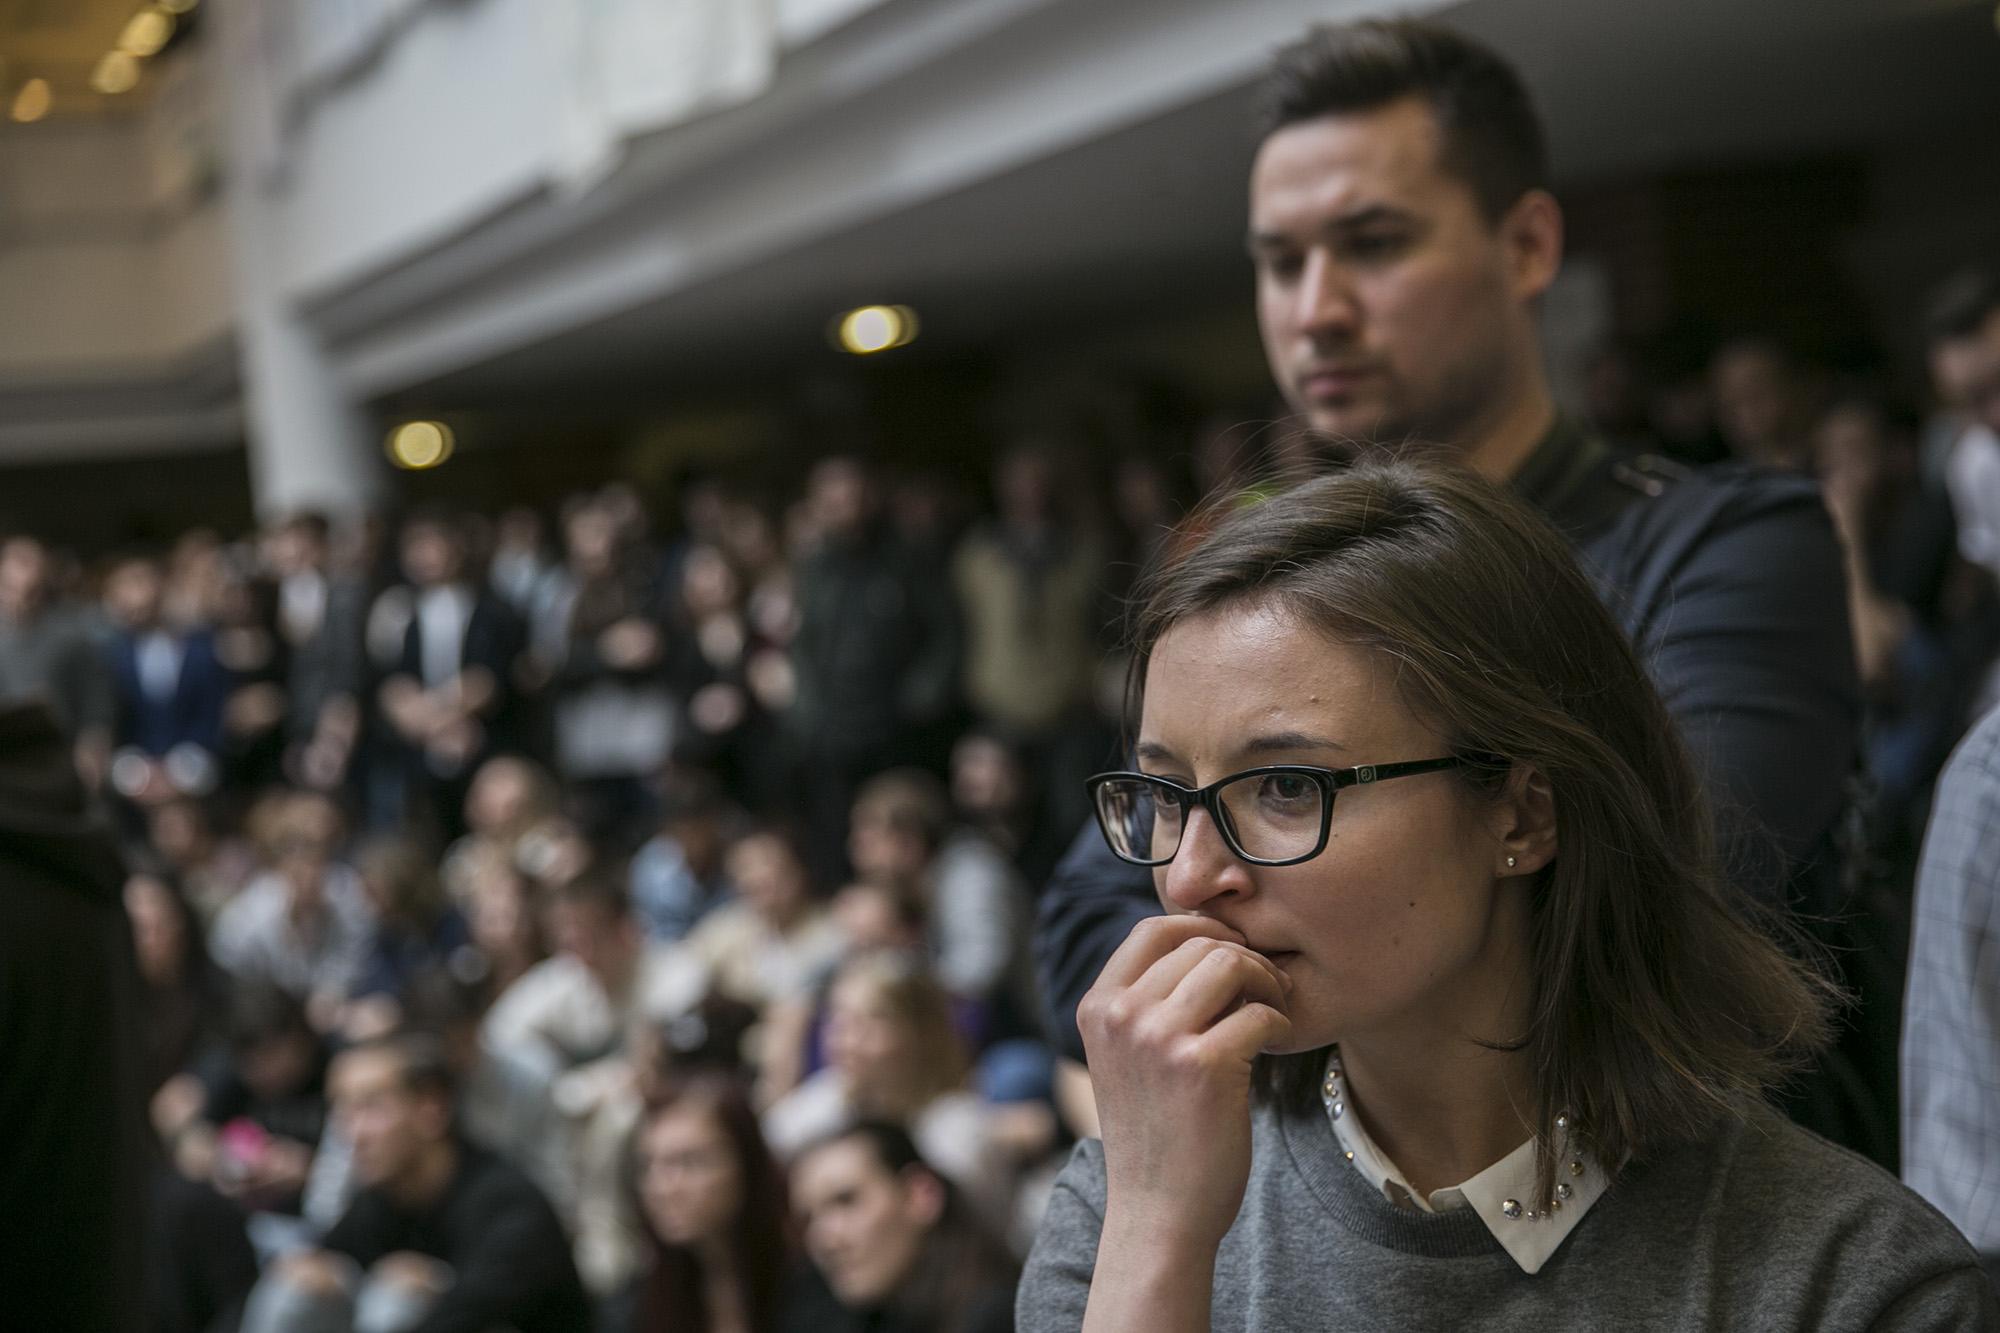 Elüldözte a BME gazdasági karát a rektor: negyven oktató kilépett, és az ELTE-re igazolt